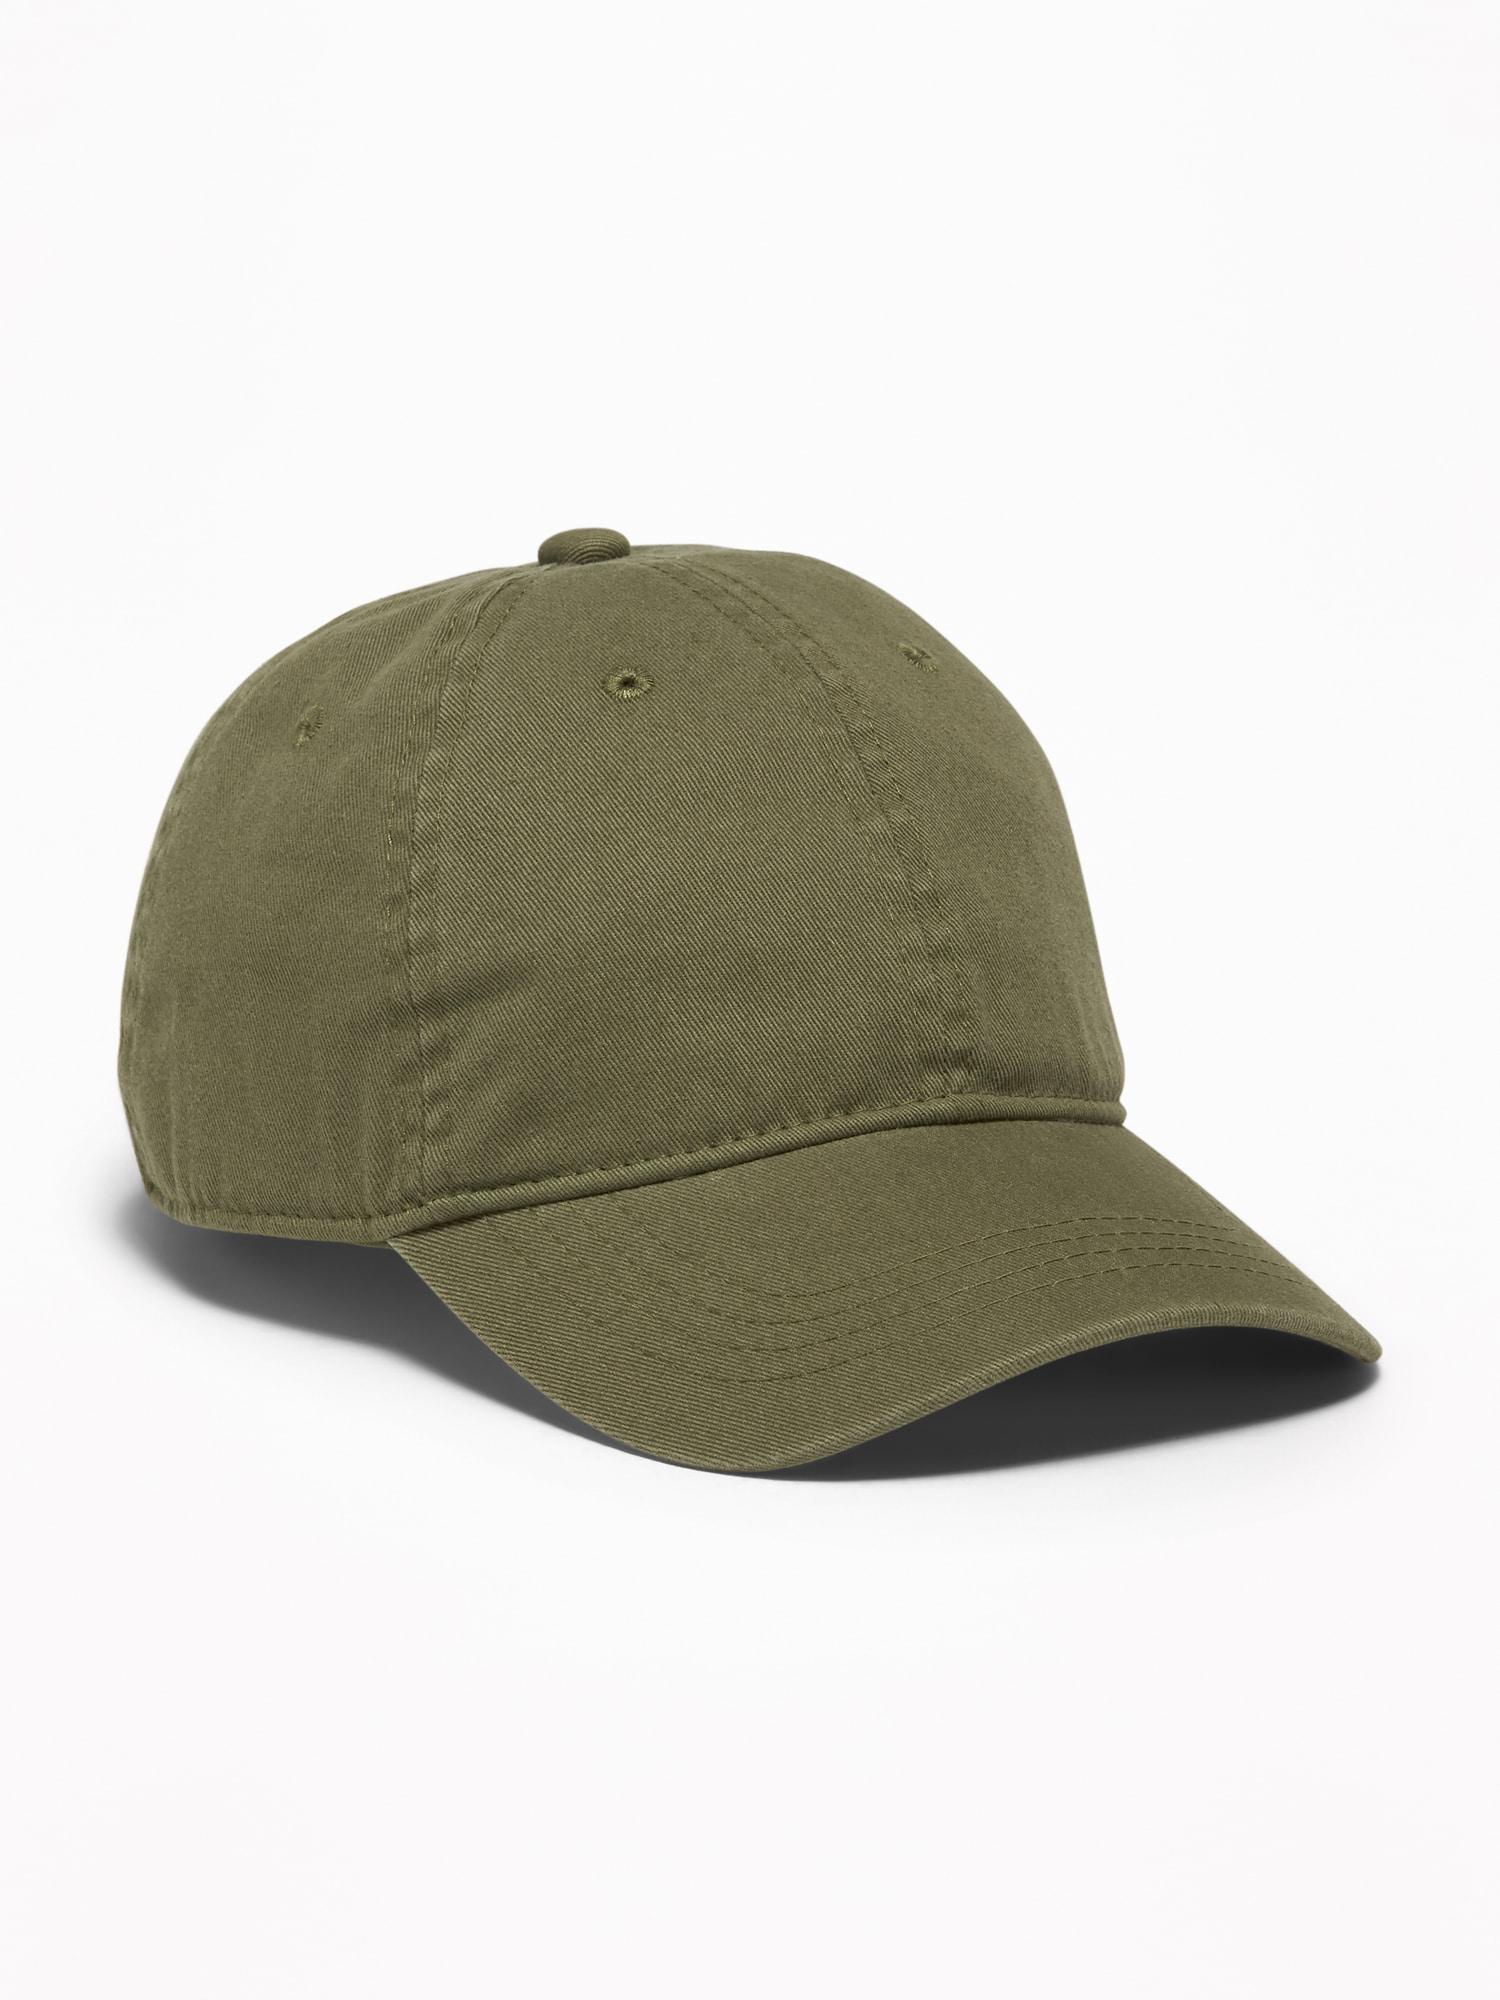 9e6f94c69c0 Lyst - Old Navy Baseball Cap in Green for Men